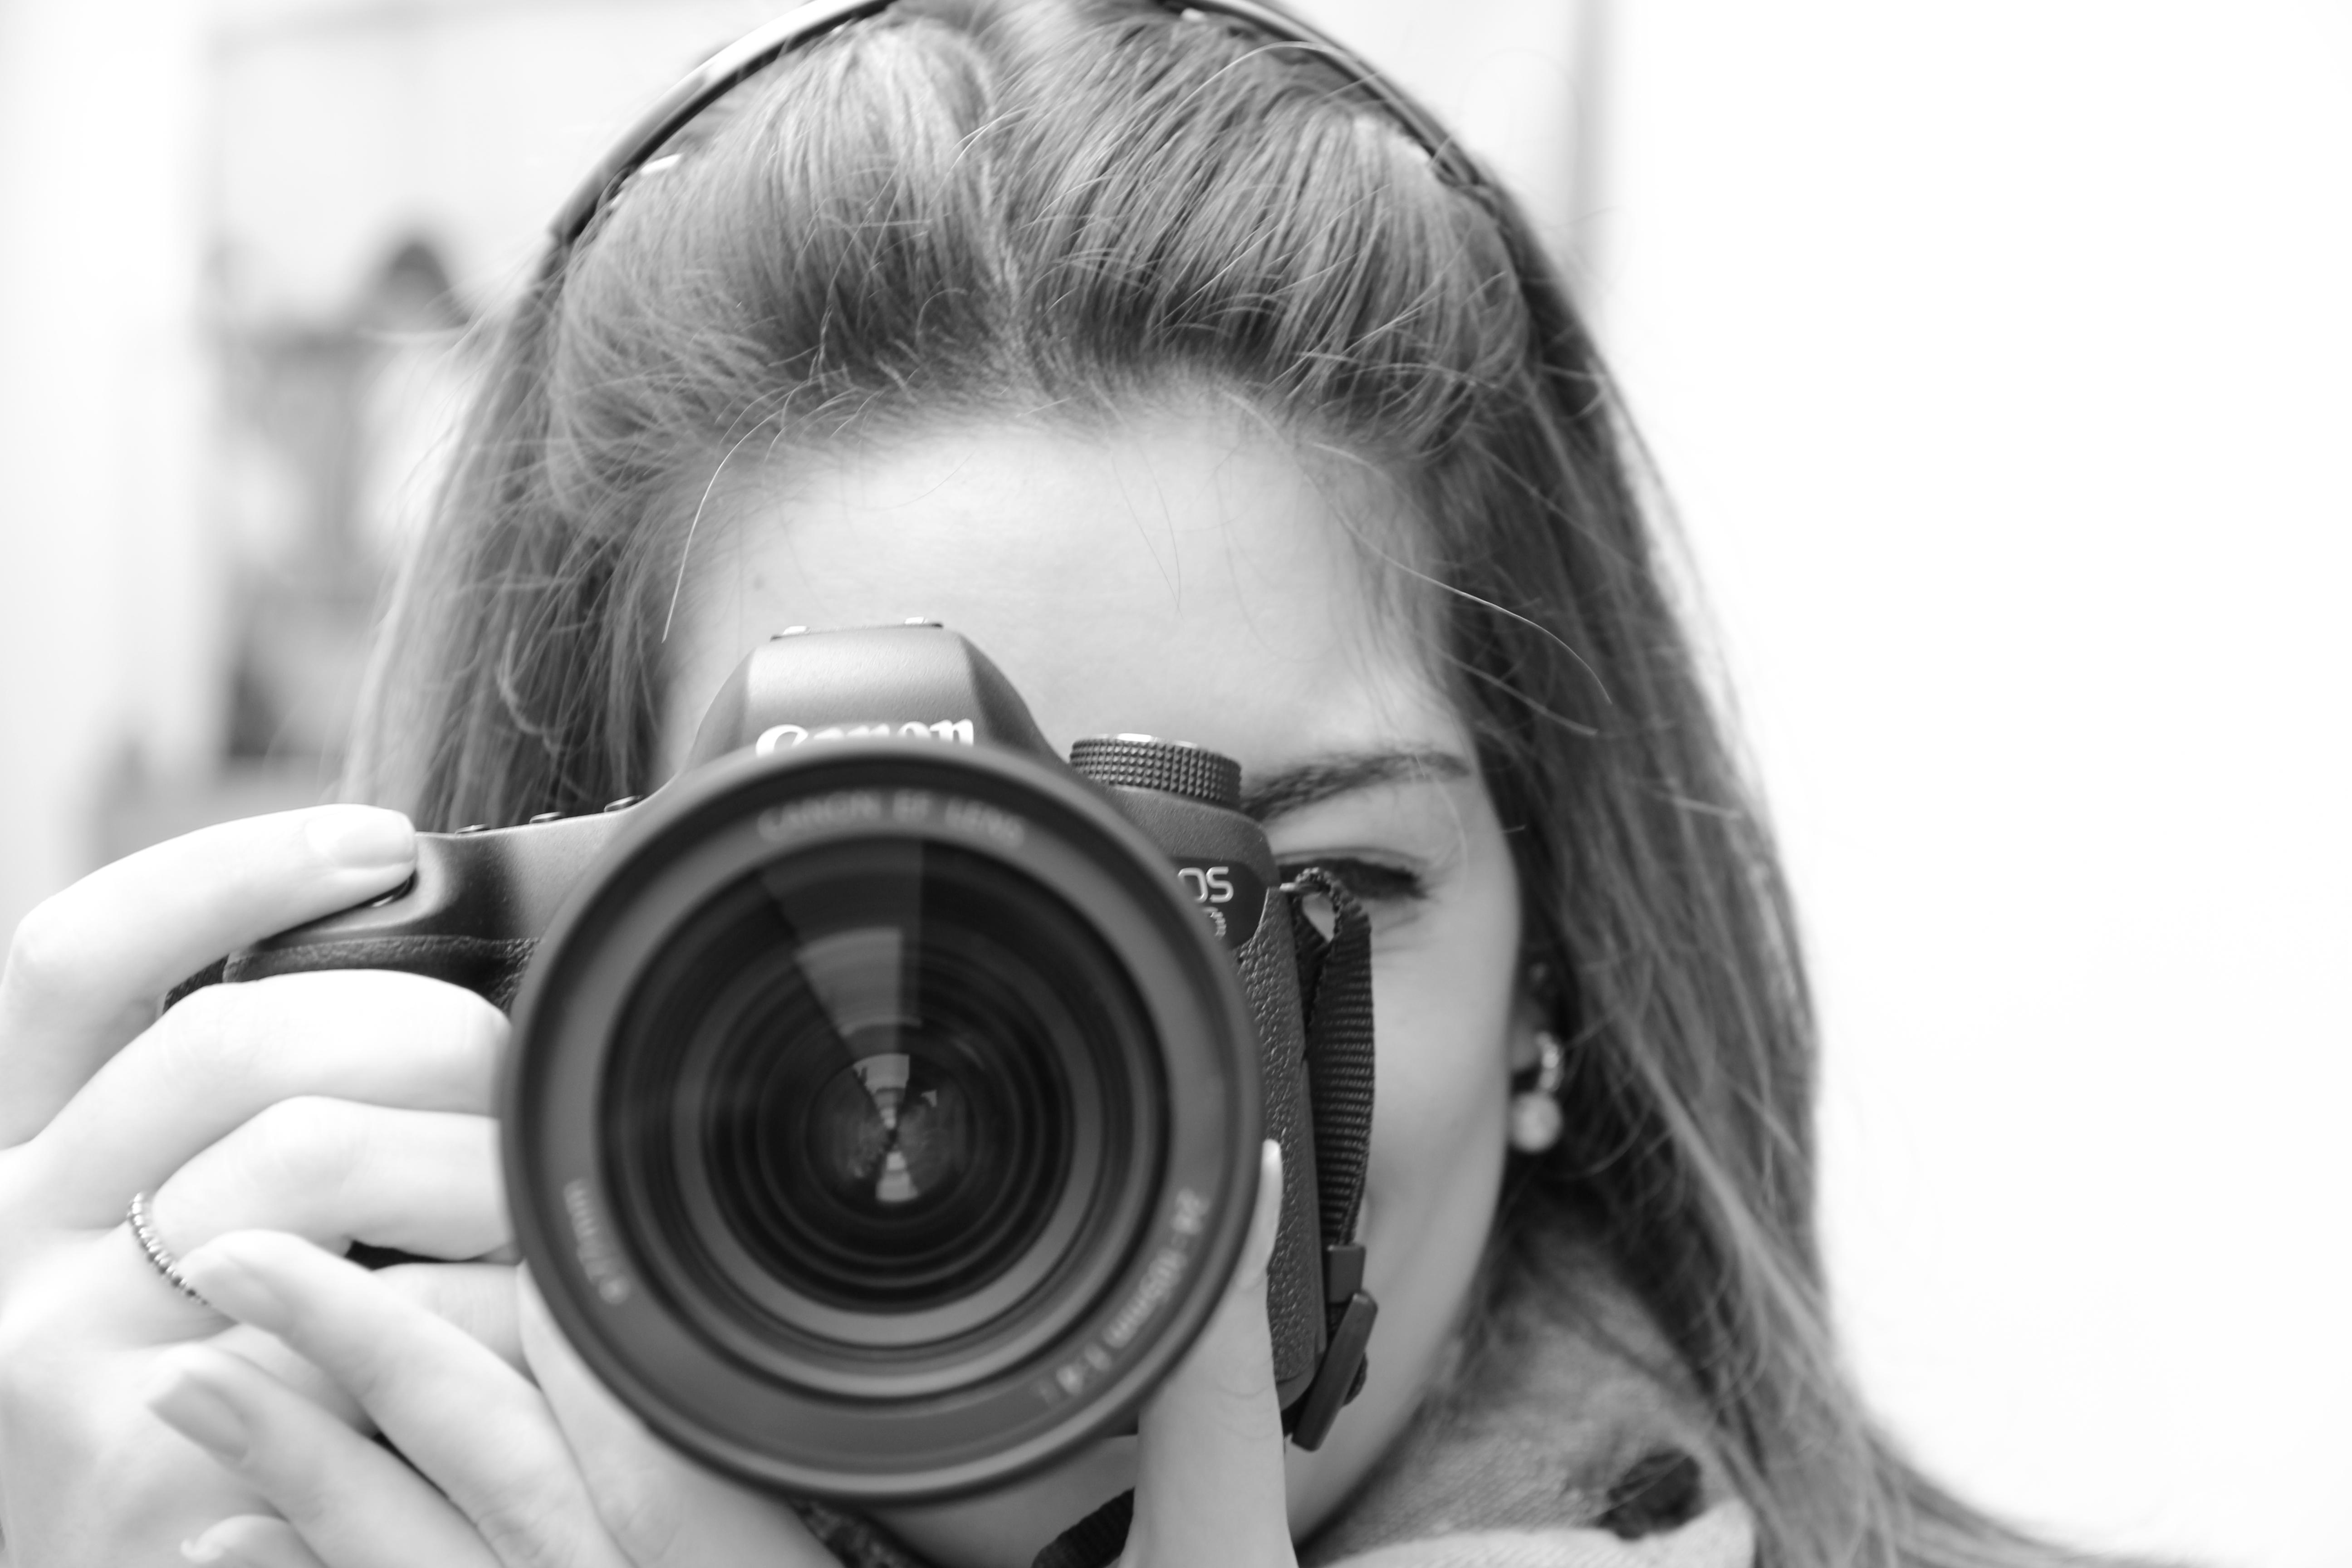 Sobre Casa da Árvore Fotografia - Fotografia de bebês, crianças, adolescentes e famílias.